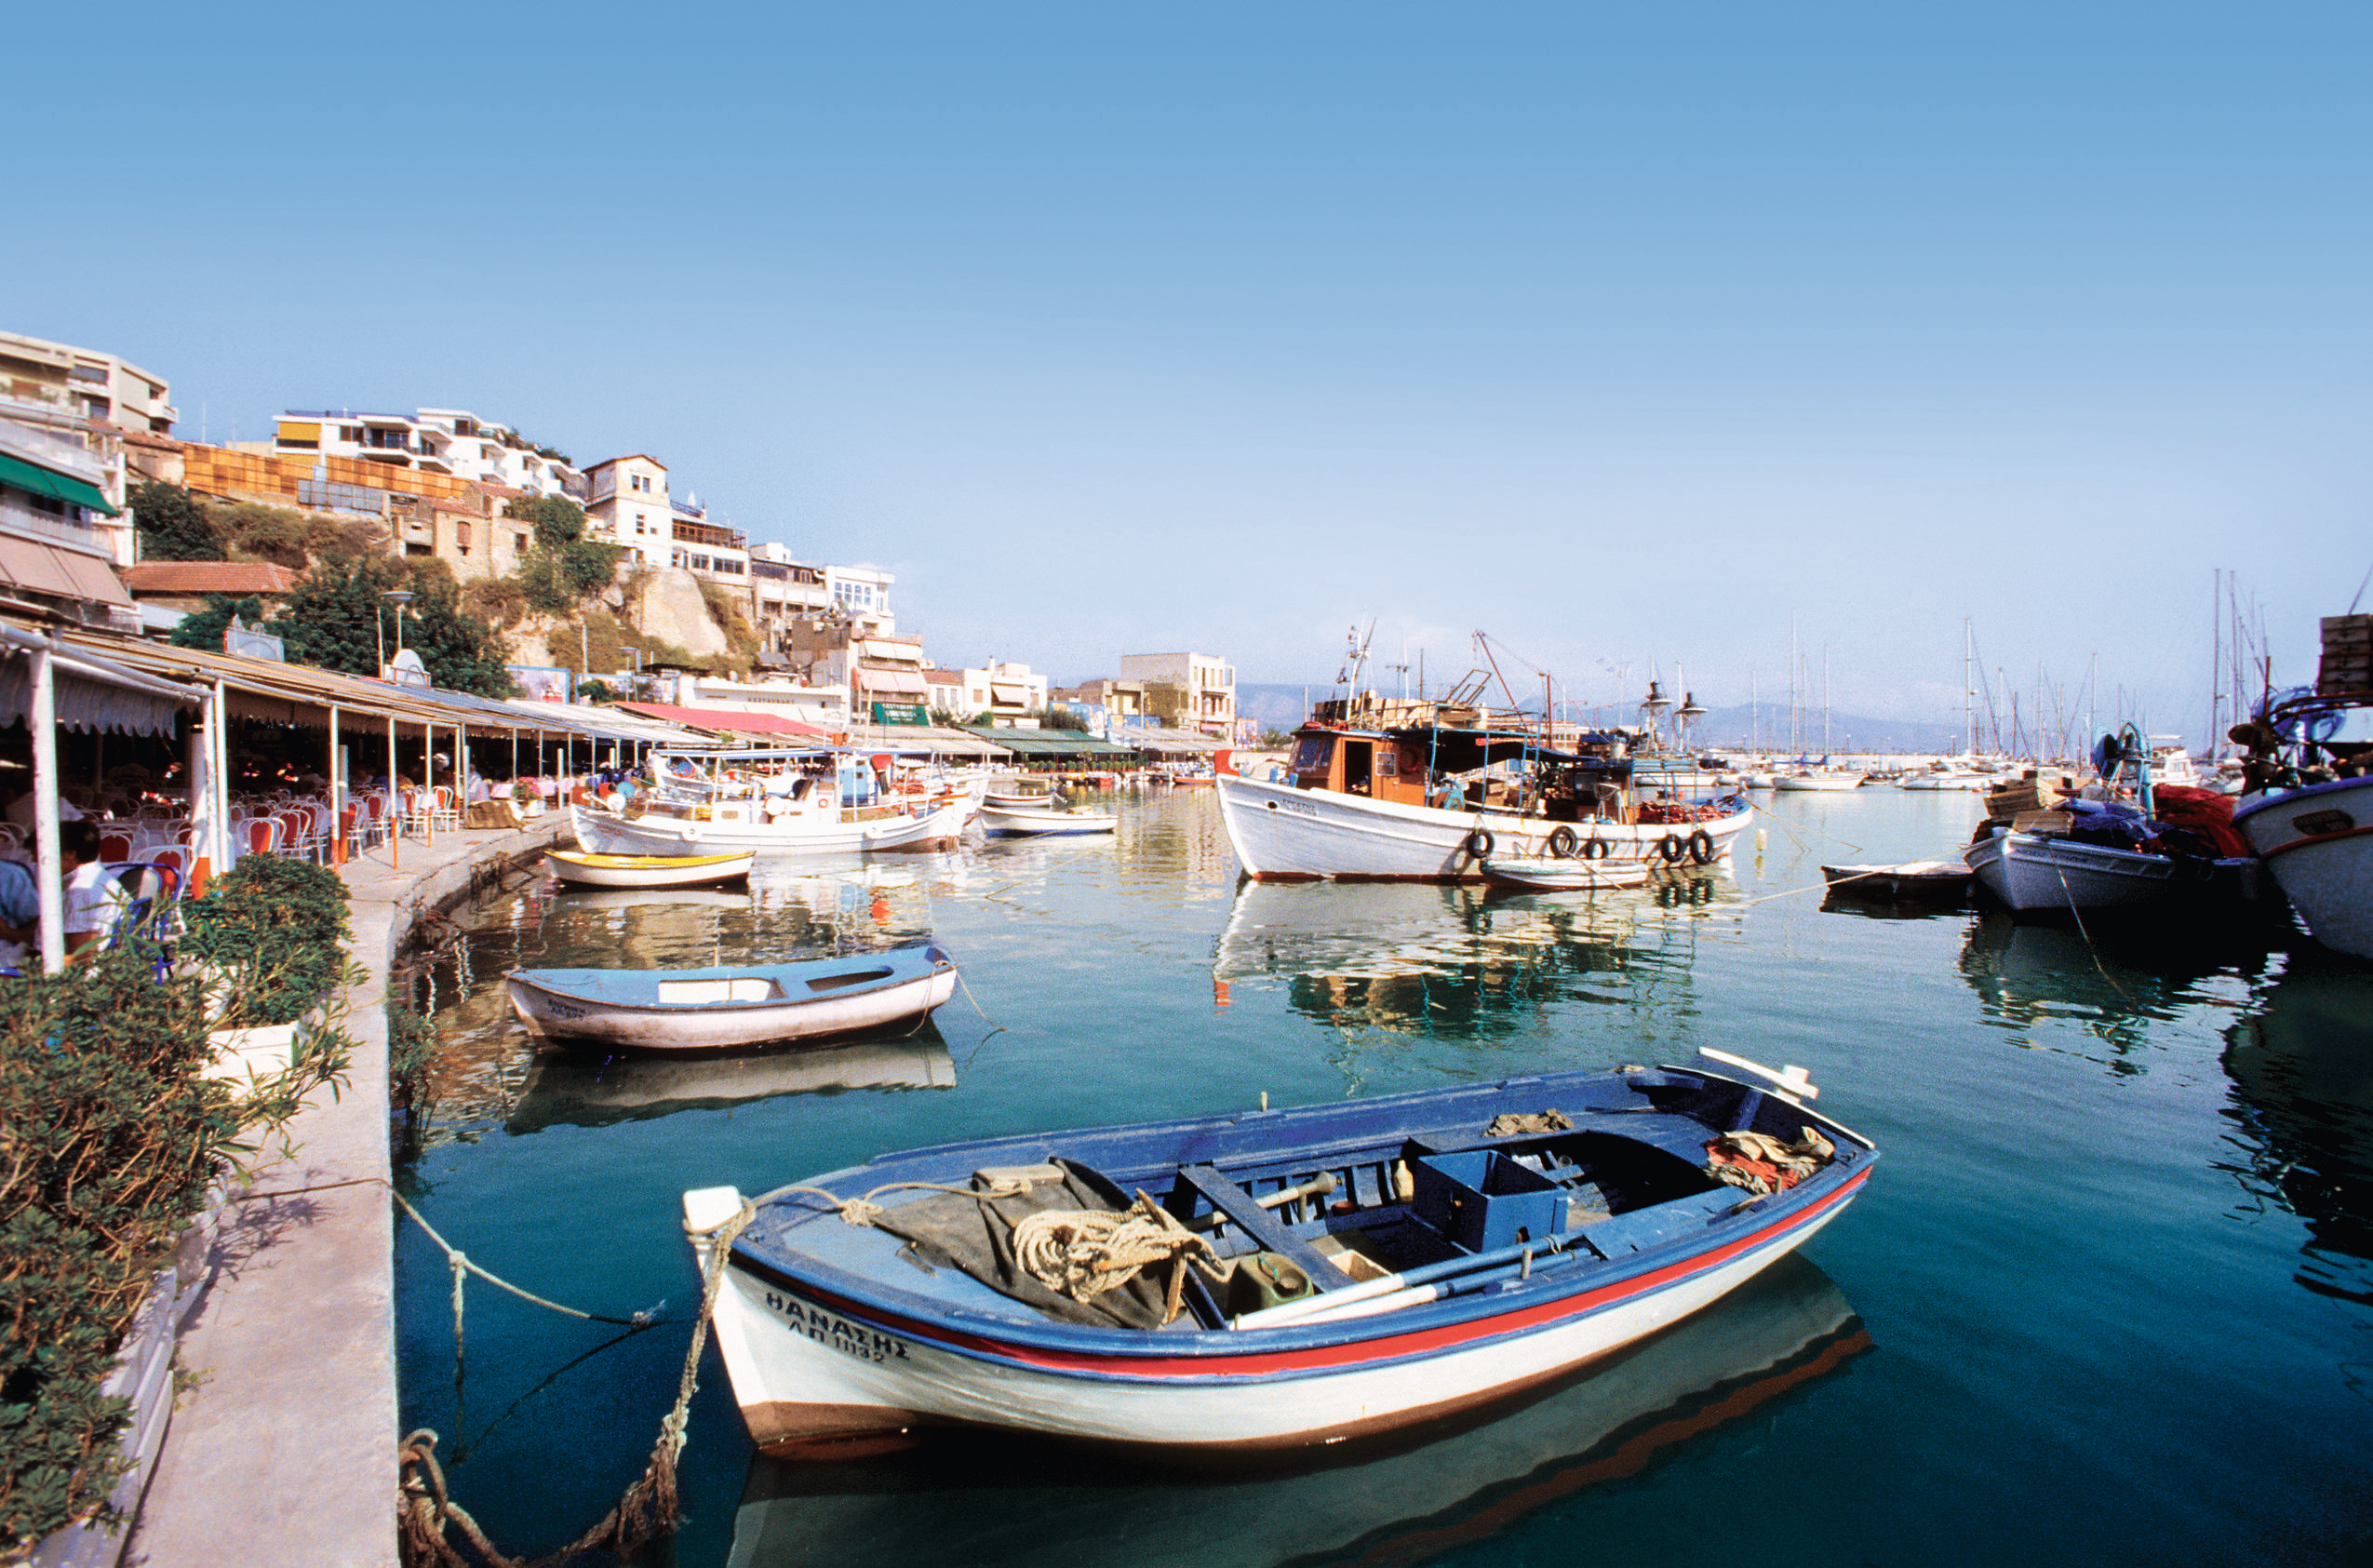 TUI Cruises weitet die Blauen Reisen aus und bietet ab dem 13. September Kreuzfahrten durch die griechische Inselwelt ab und bis Kreta an.